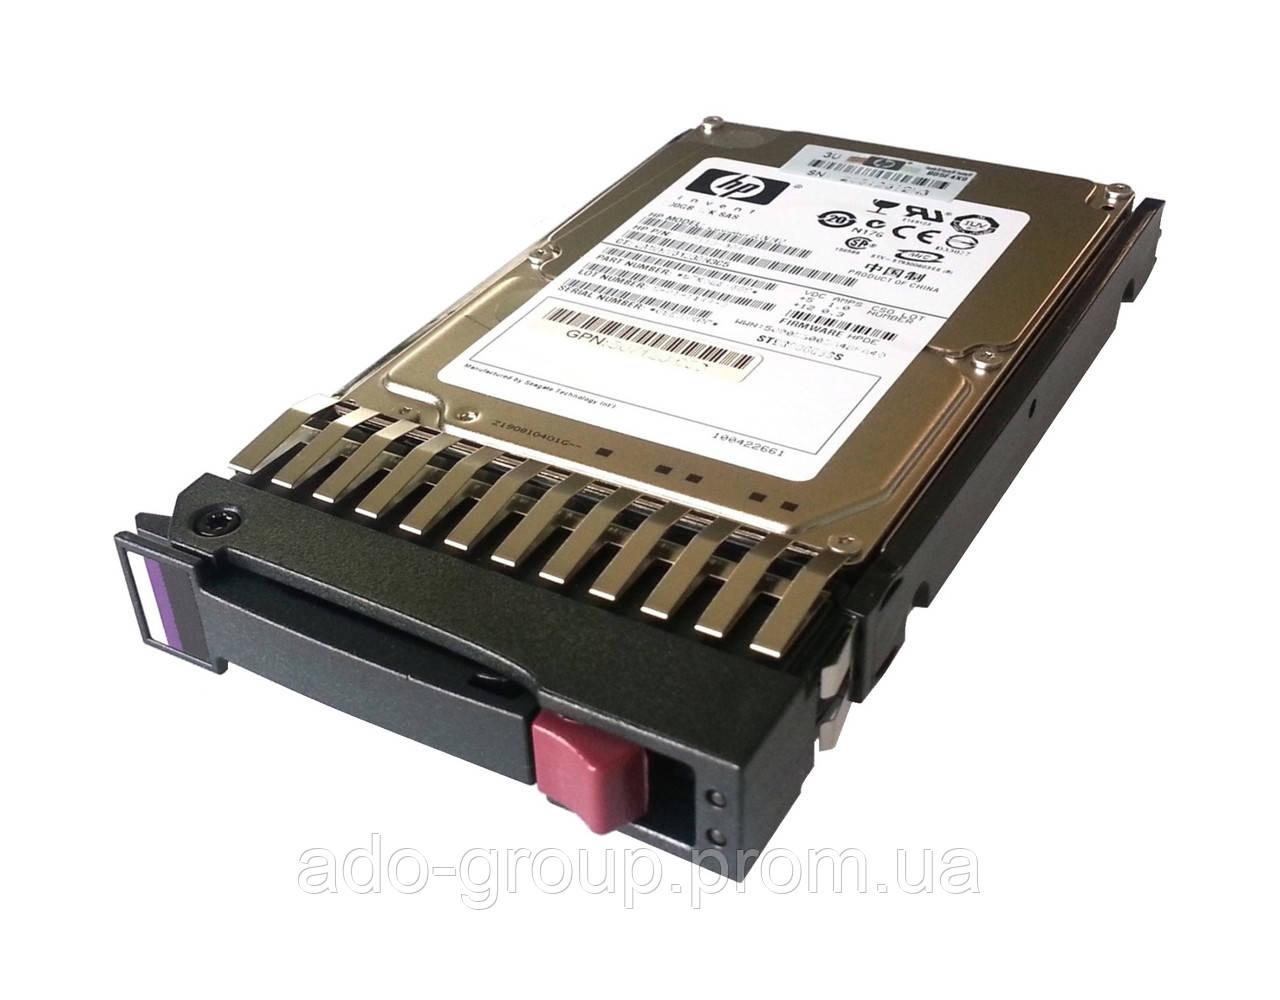 """507121-001 Жесткий диск HP 300GB SAS 10K 6G DP 2.5"""""""